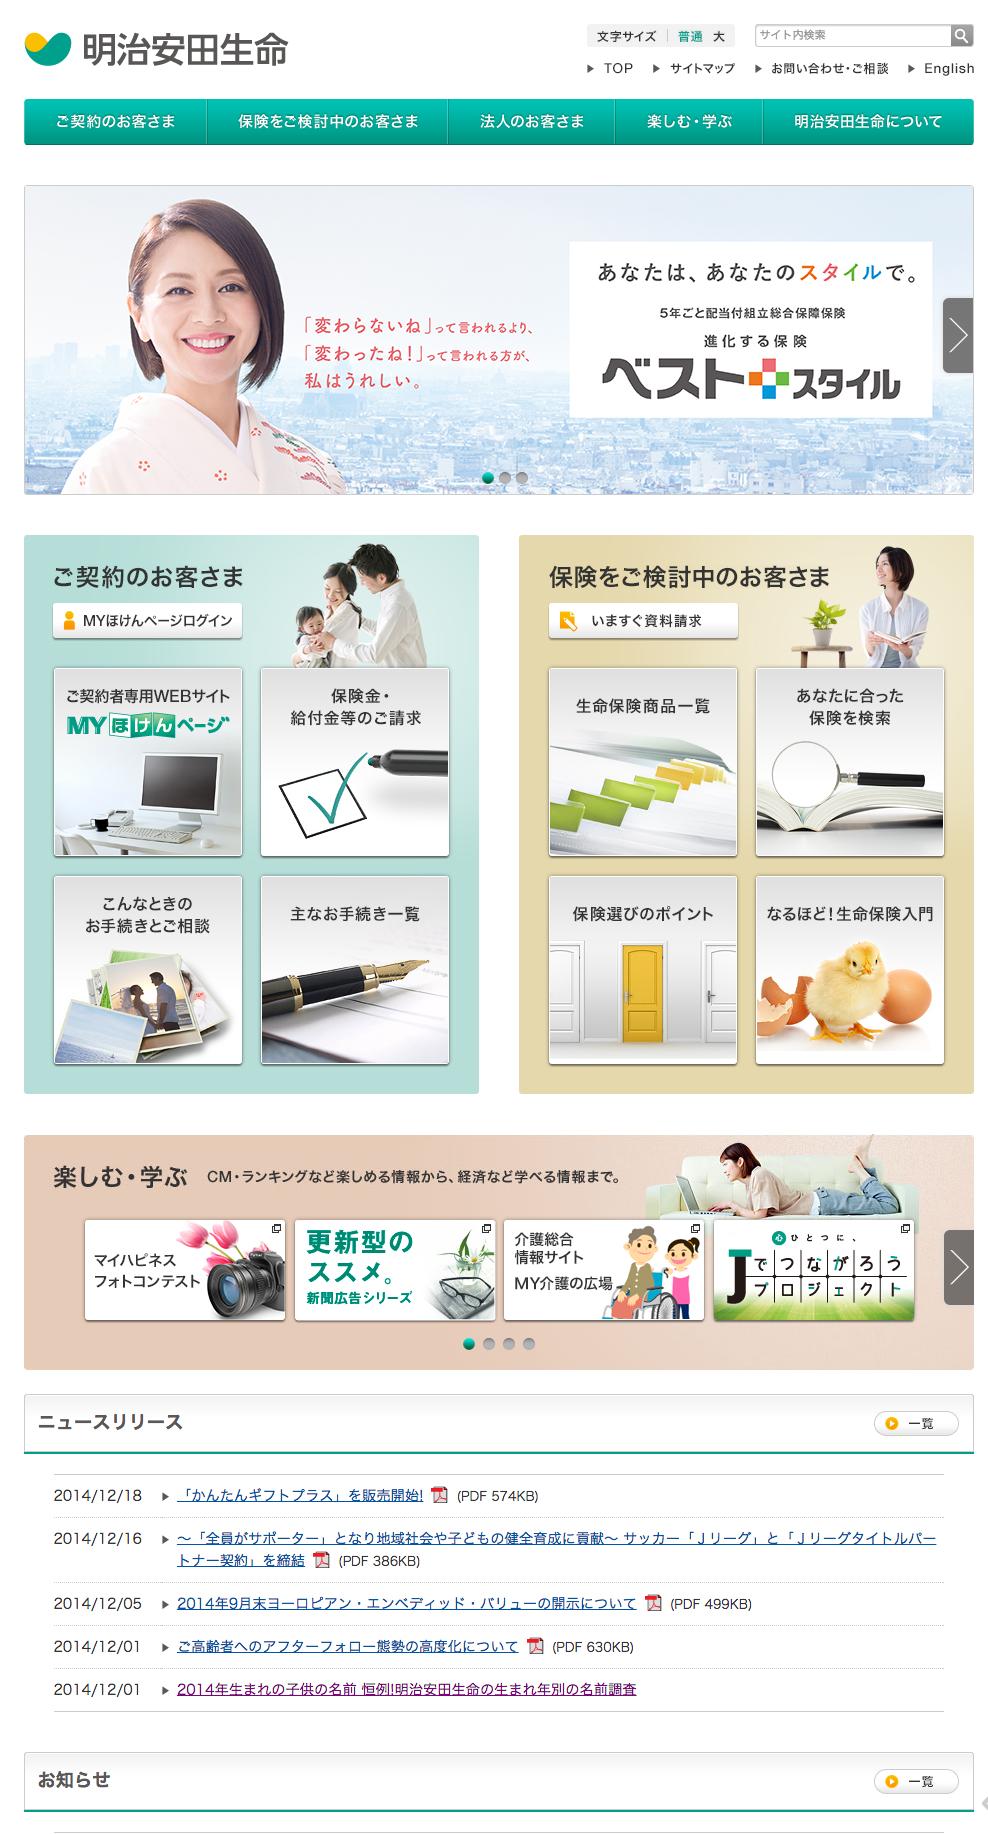 明治安田生命 トップページ Via Http Www Meijiyasuda Co Jp Lp デザイン デザイン 生命